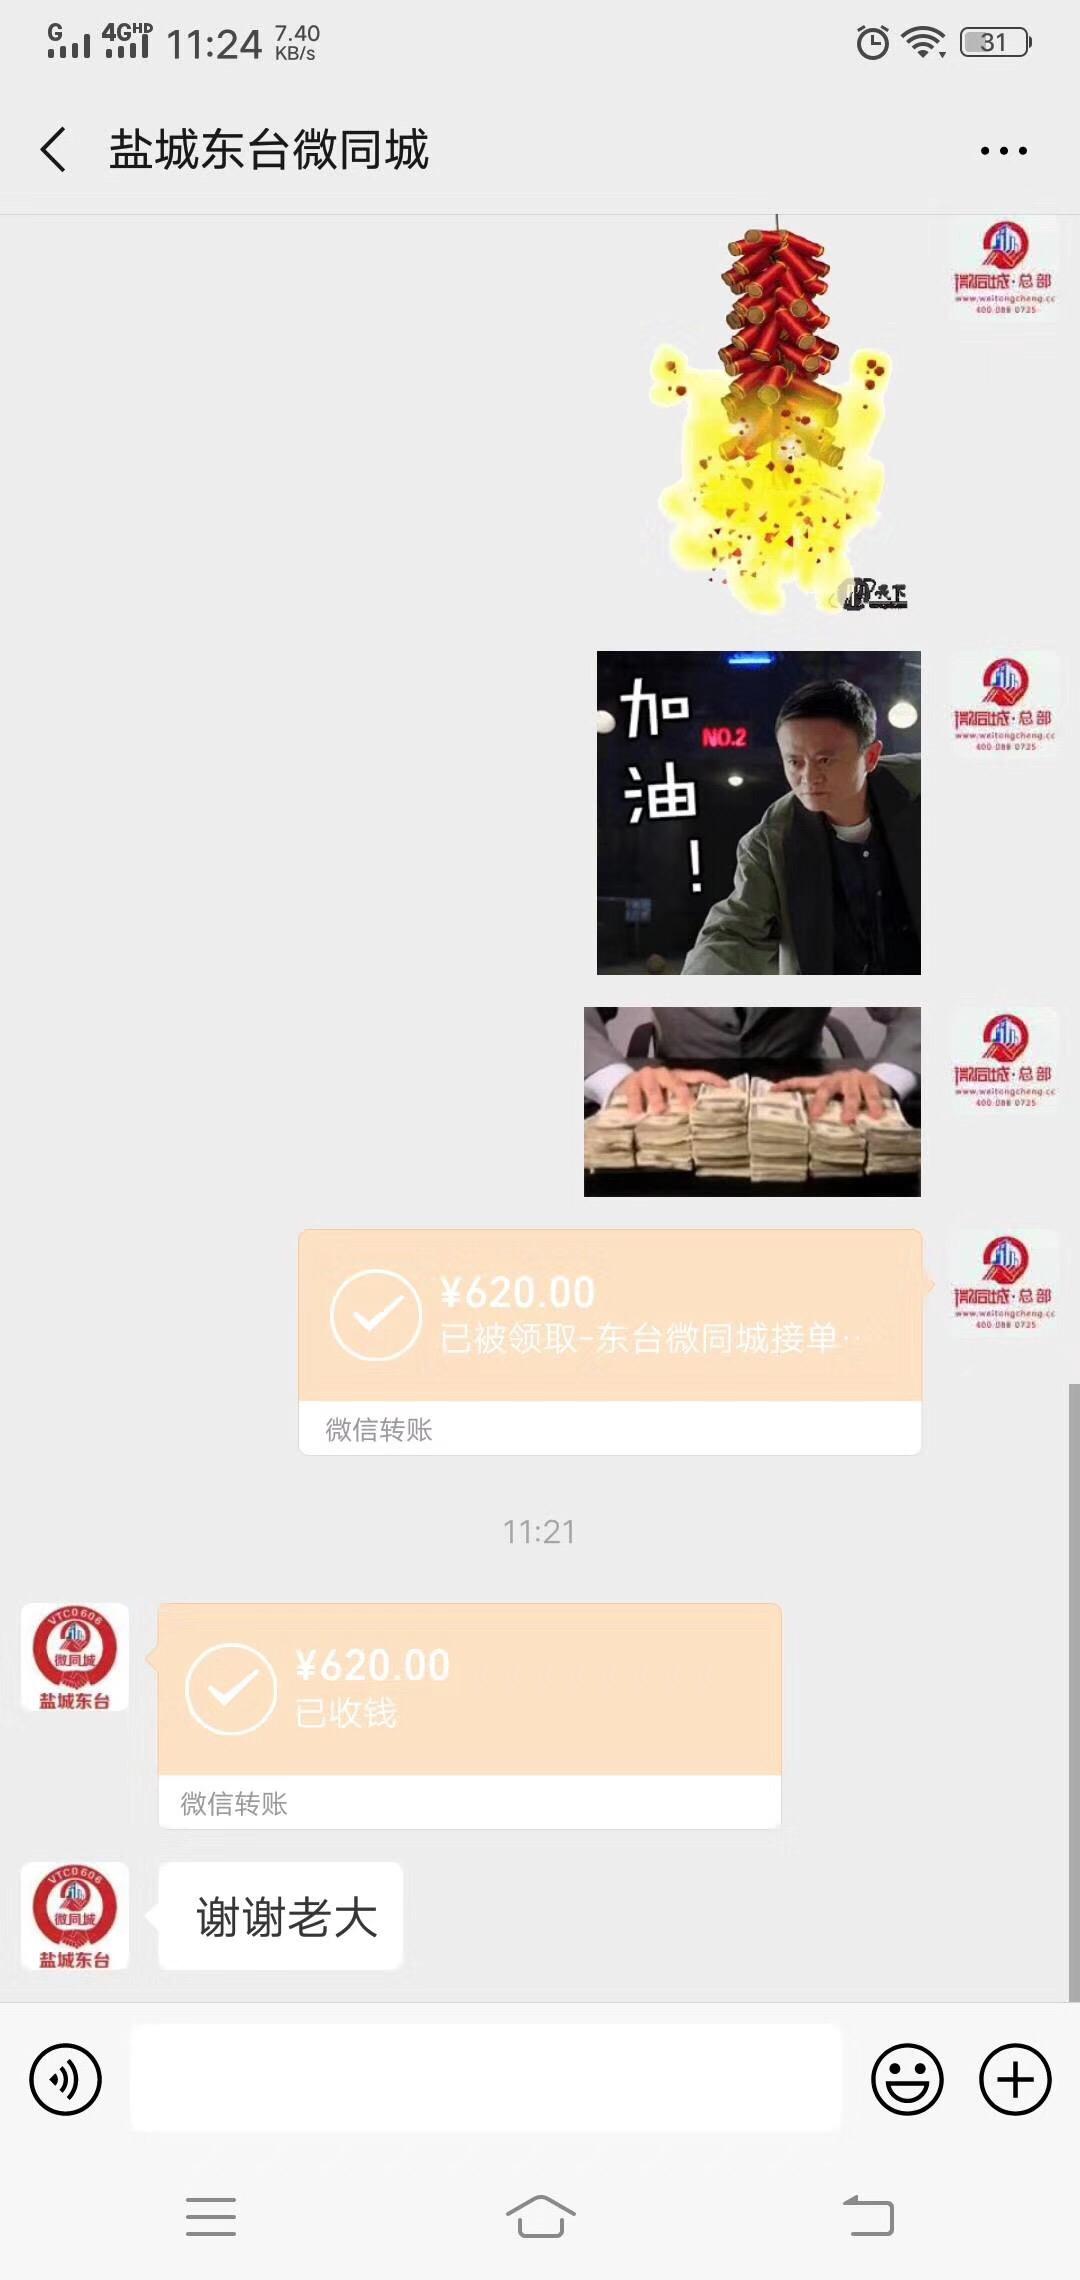 【赚620元】东台微全城微帮广告佣金